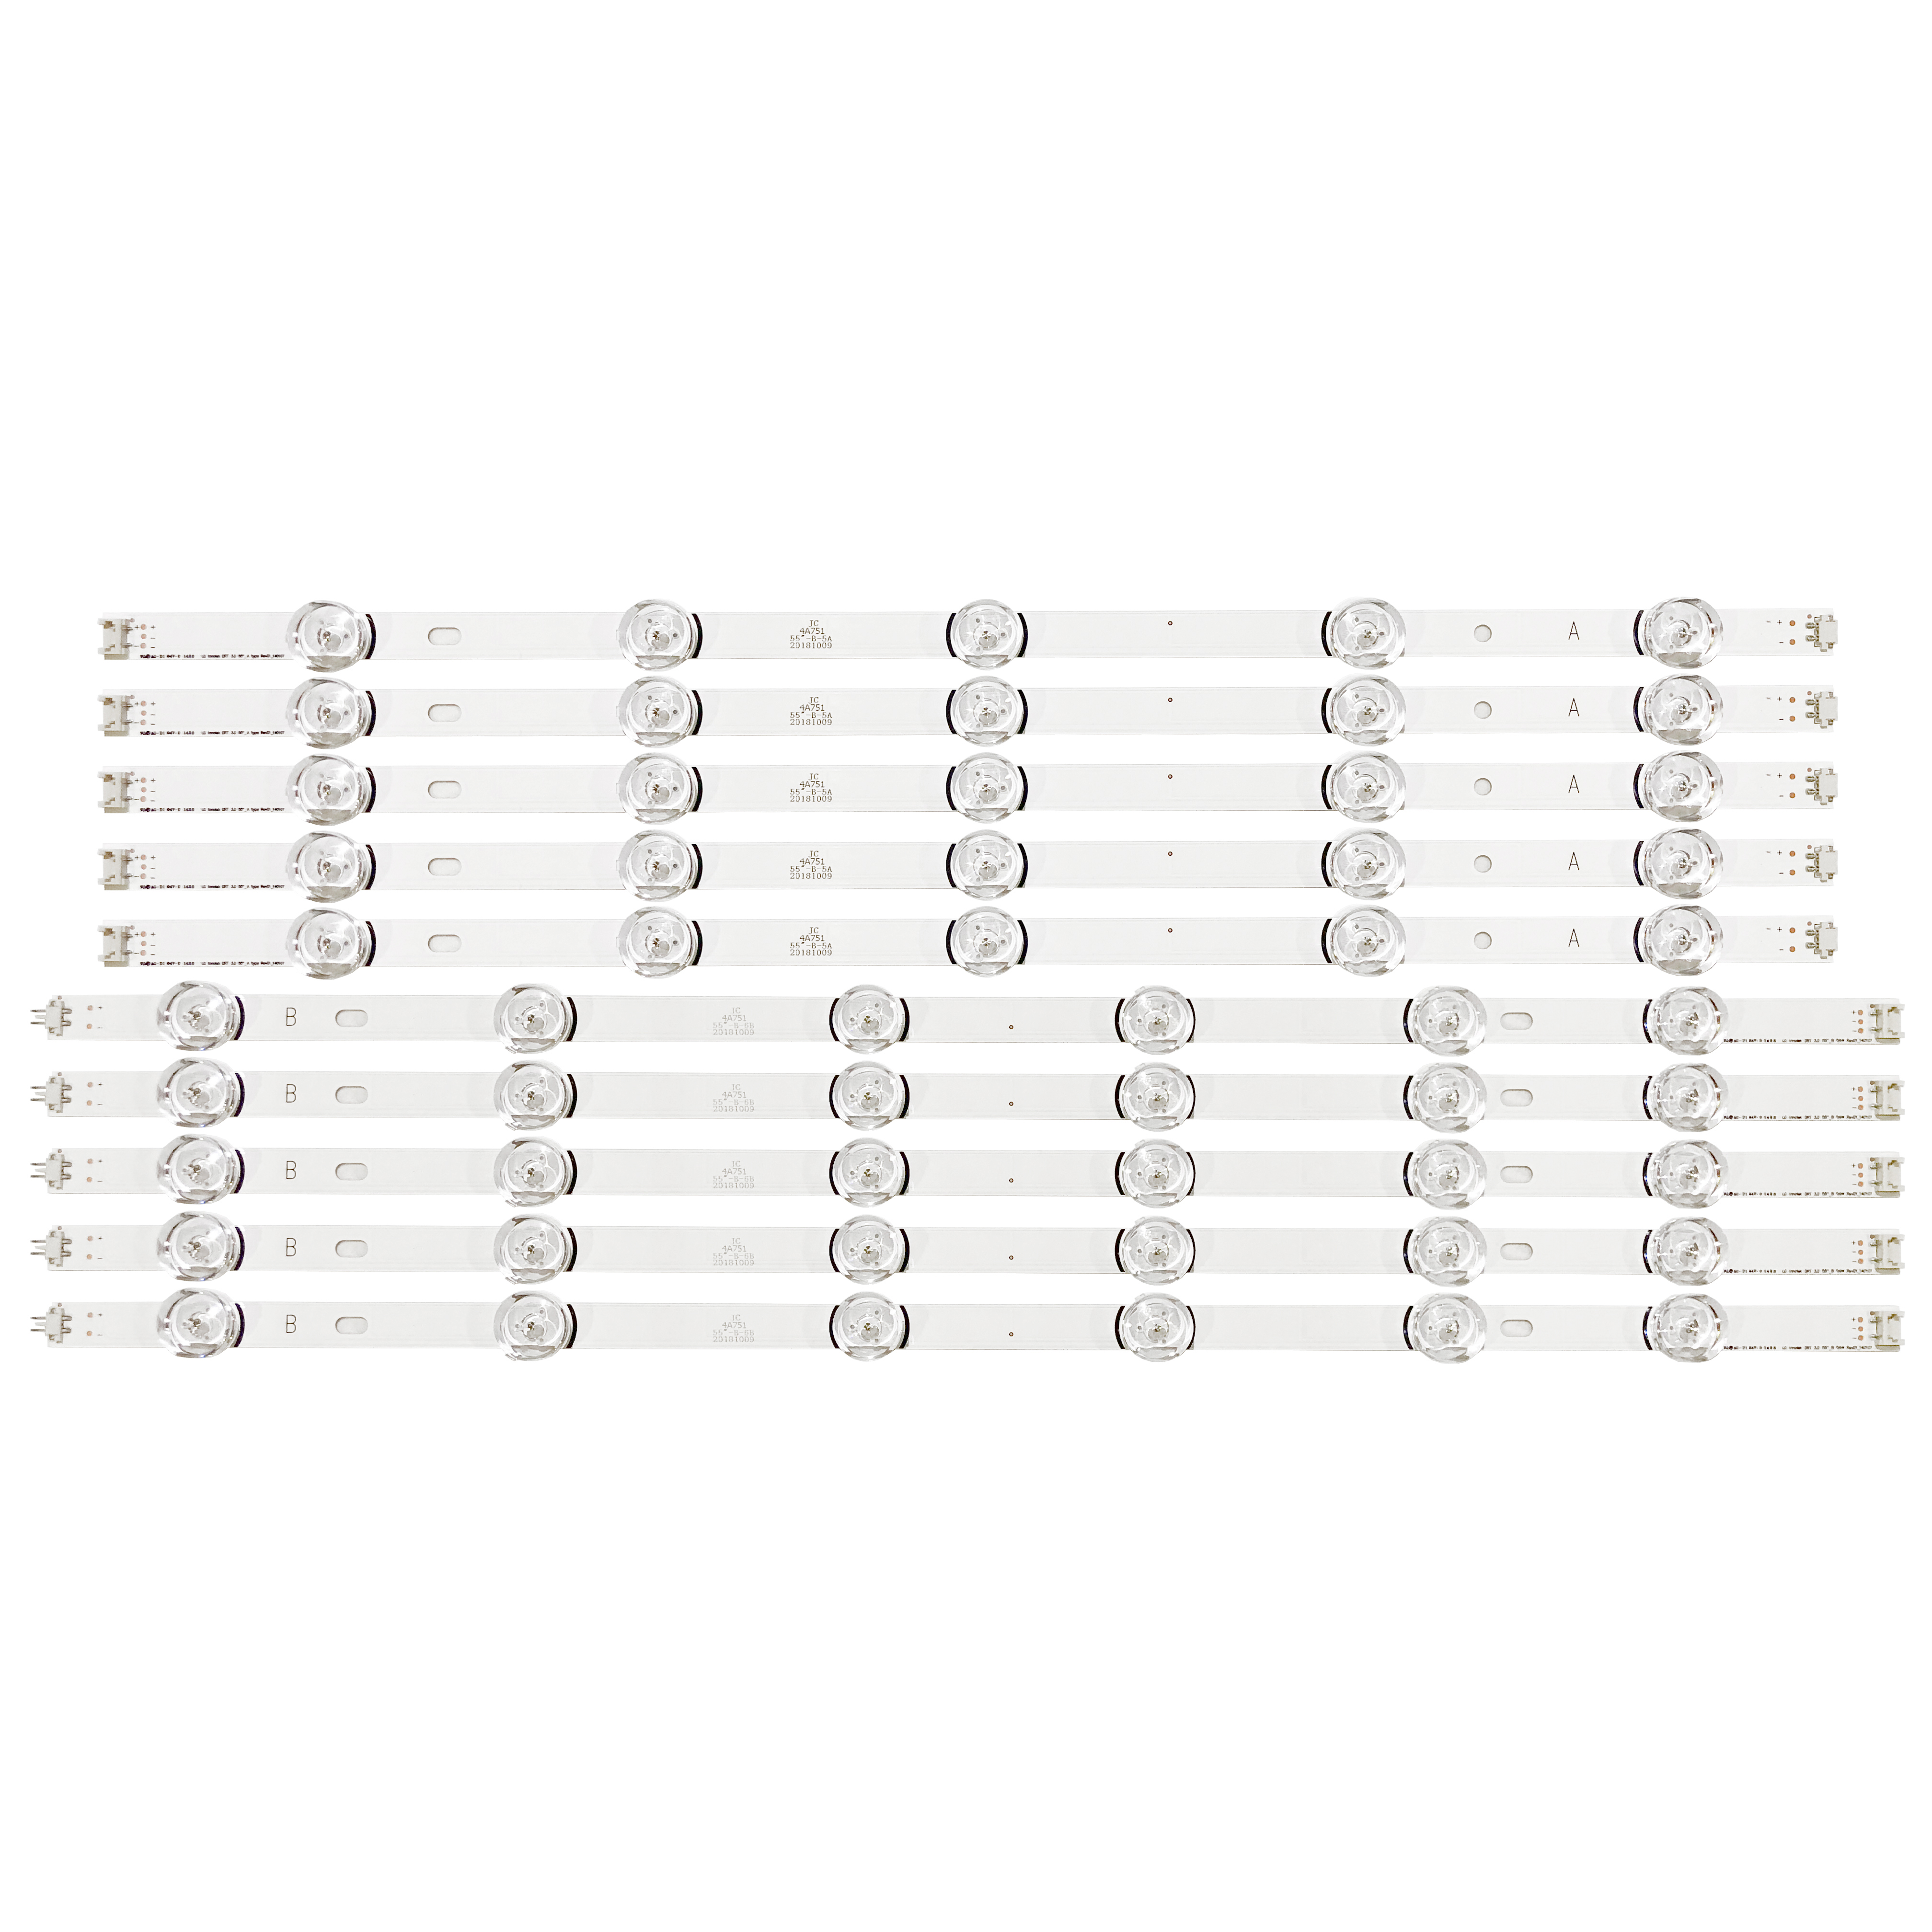 LED Backlight strip For 55LB650V 55LF6000 55LB6100 55LB582U 55LB650V 55LB629V 55LB570V 55LB5900 55LB5500 55LH575A 55LB652T